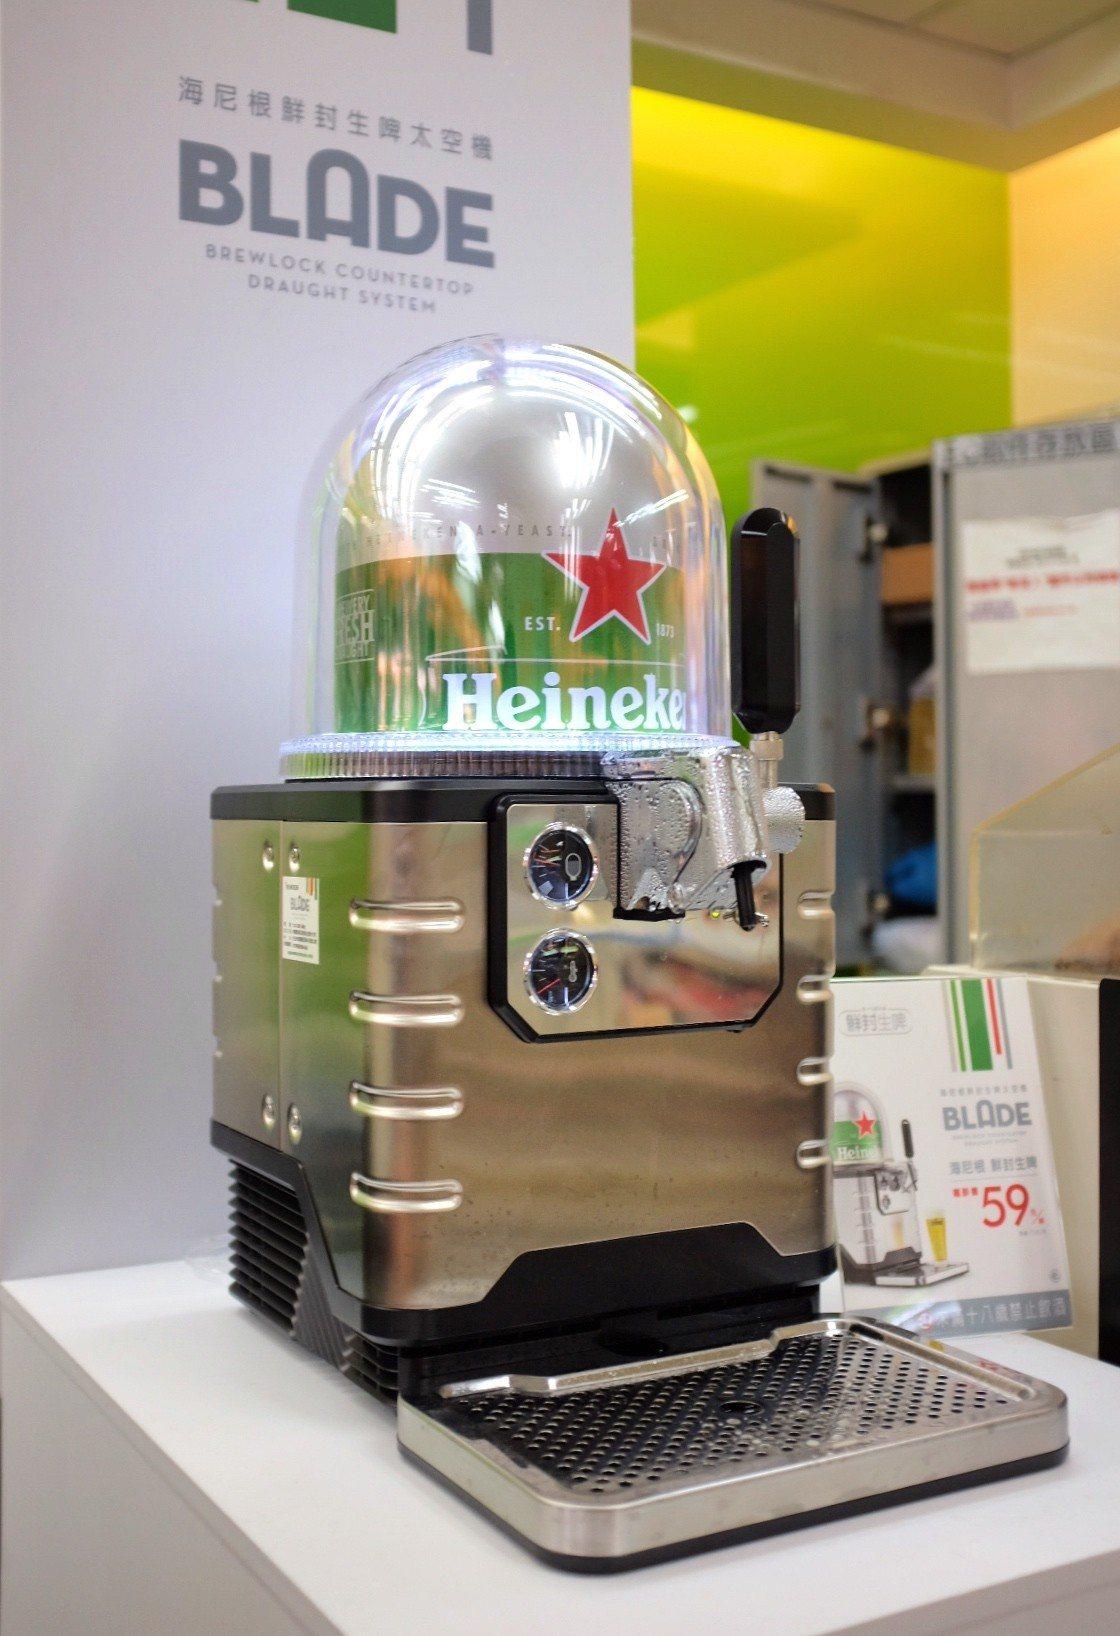 海尼根鮮封生啤太空機首次導入超商販售,率全球海尼根之先。記者沈佩臻/攝影 ...